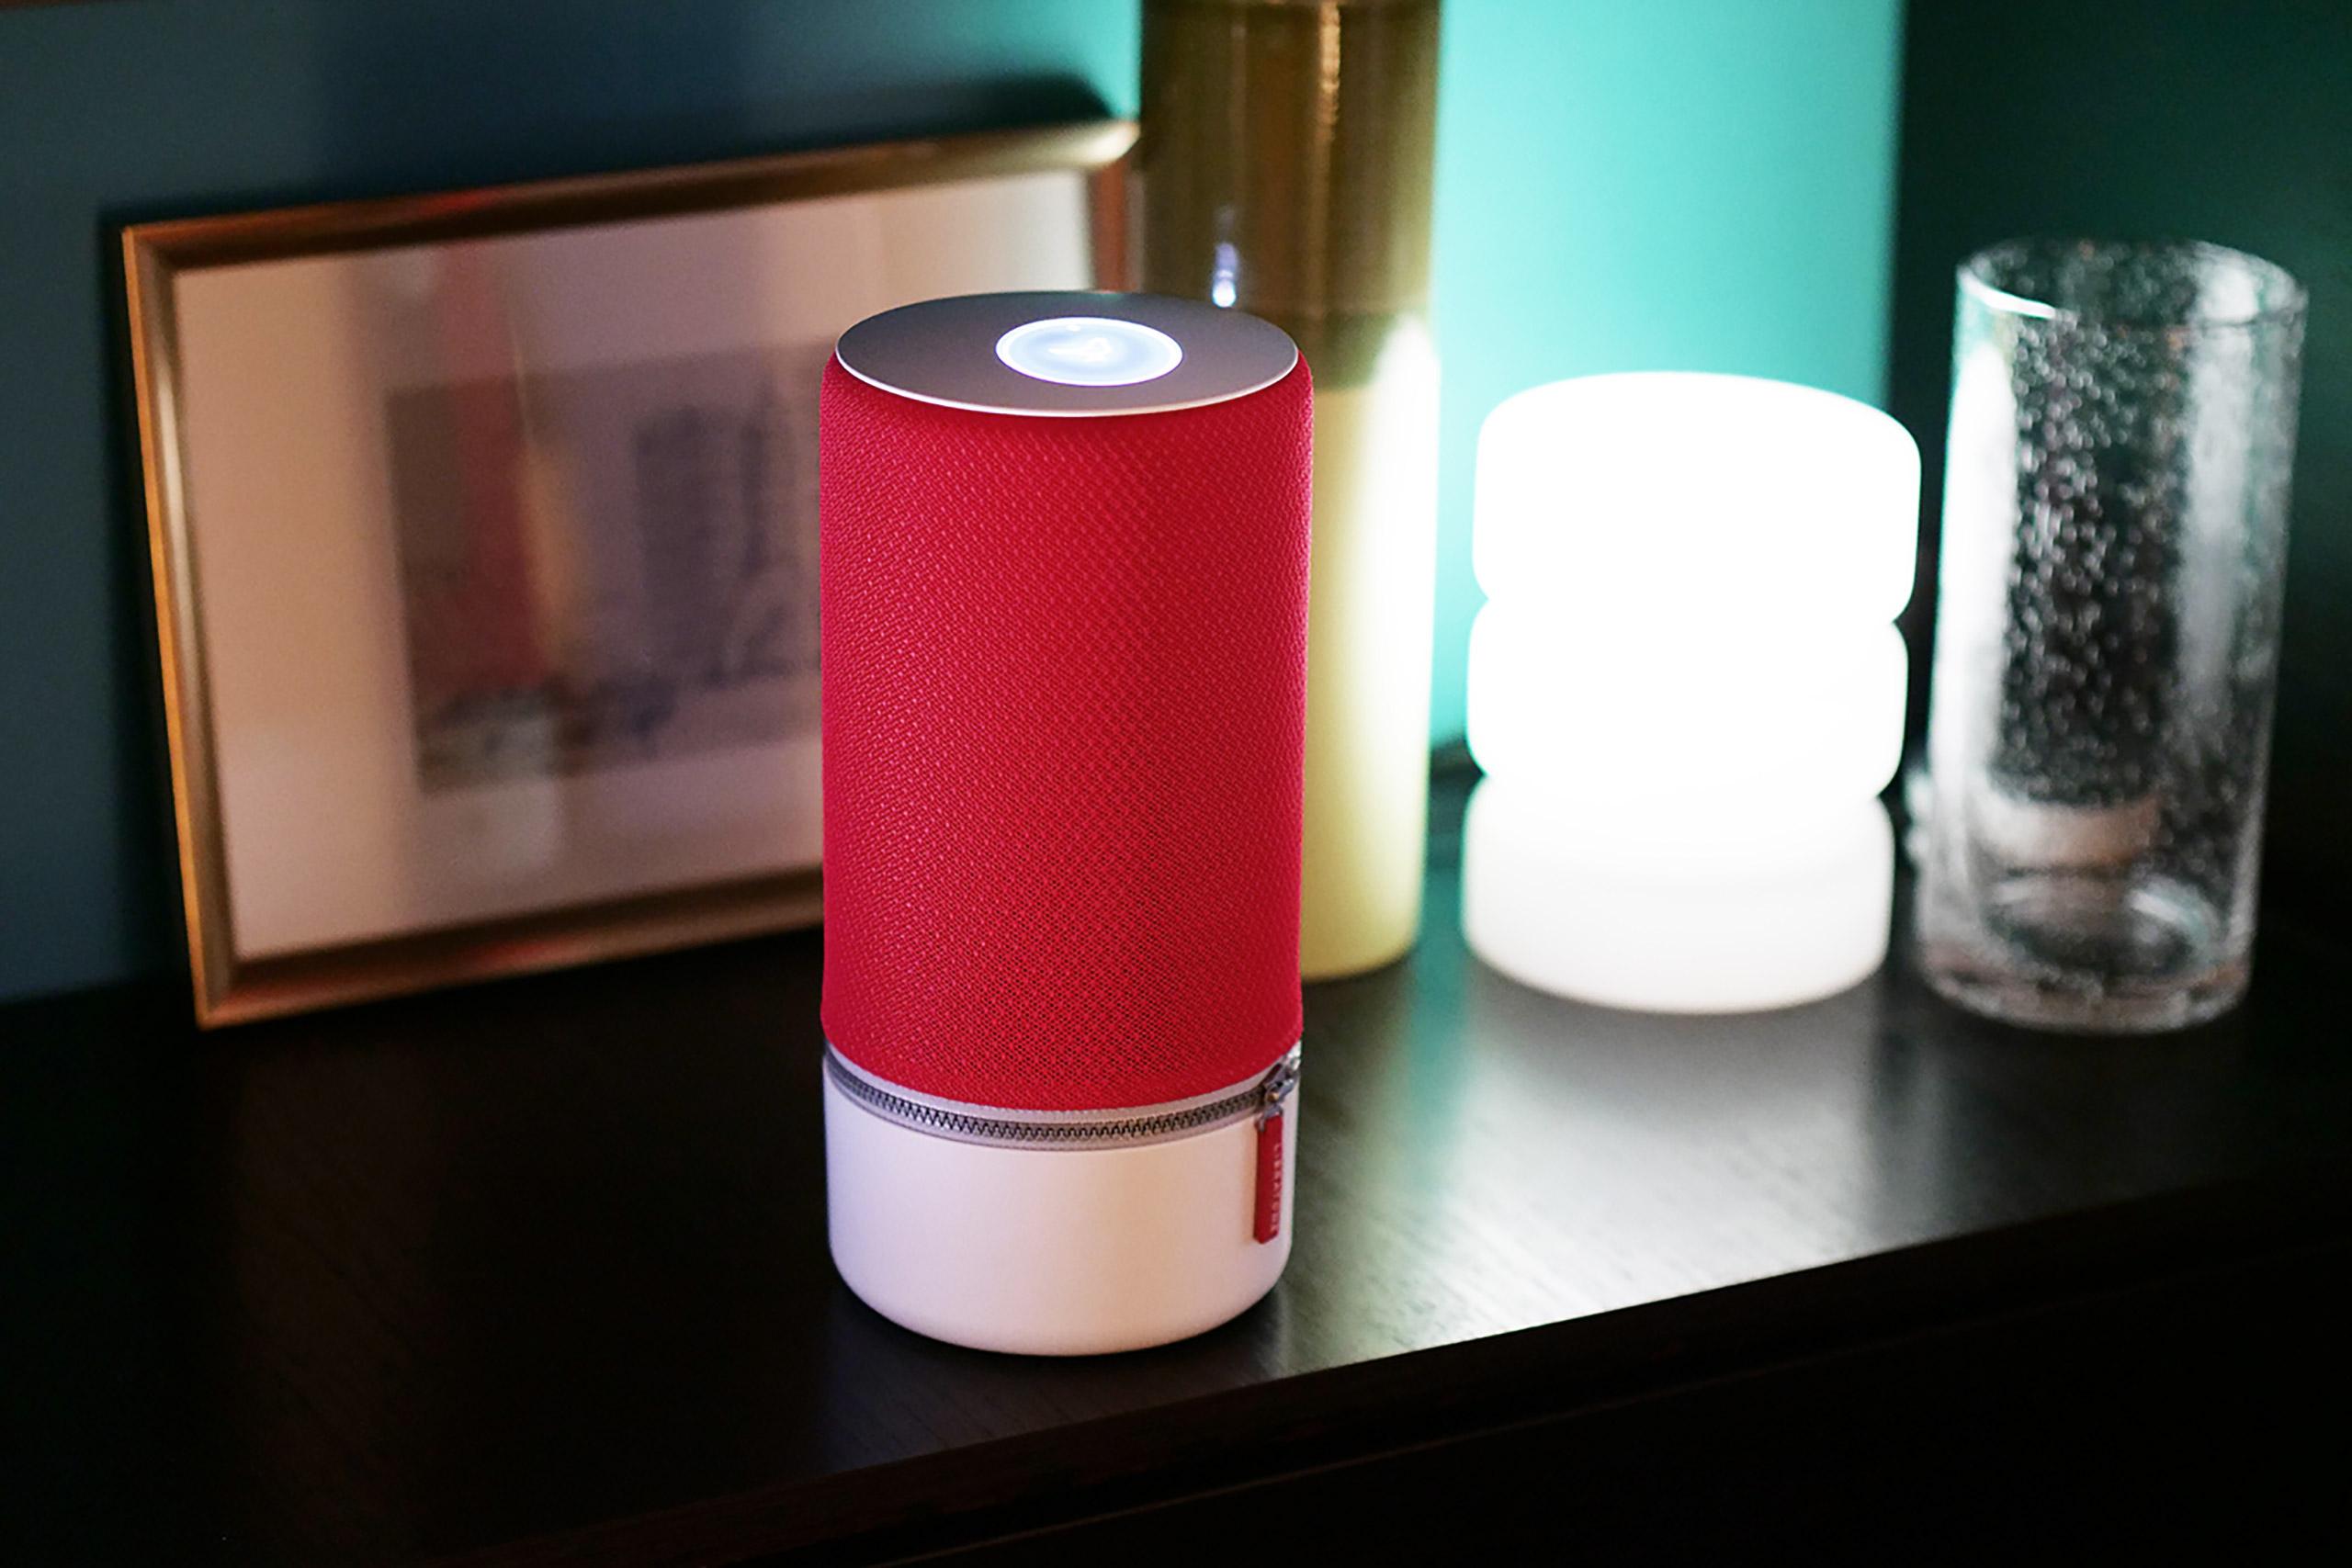 Libratone Zipp 2 : test de l'enceinte portable sans fil WiFi, AirPlay 2 et Bluetooth avec batterie intégrée